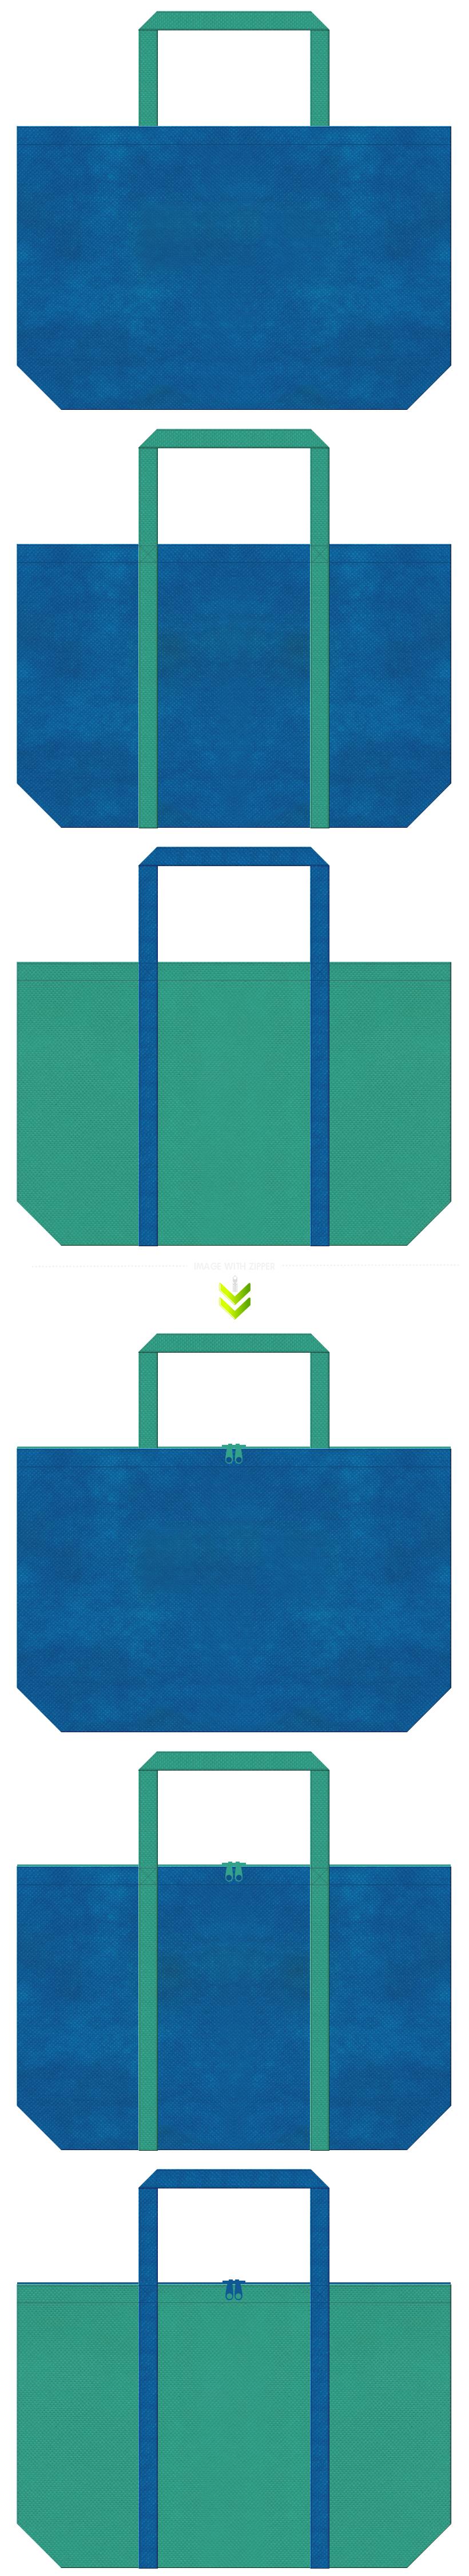 青色と青緑色の不織布エコバッグのデザイン